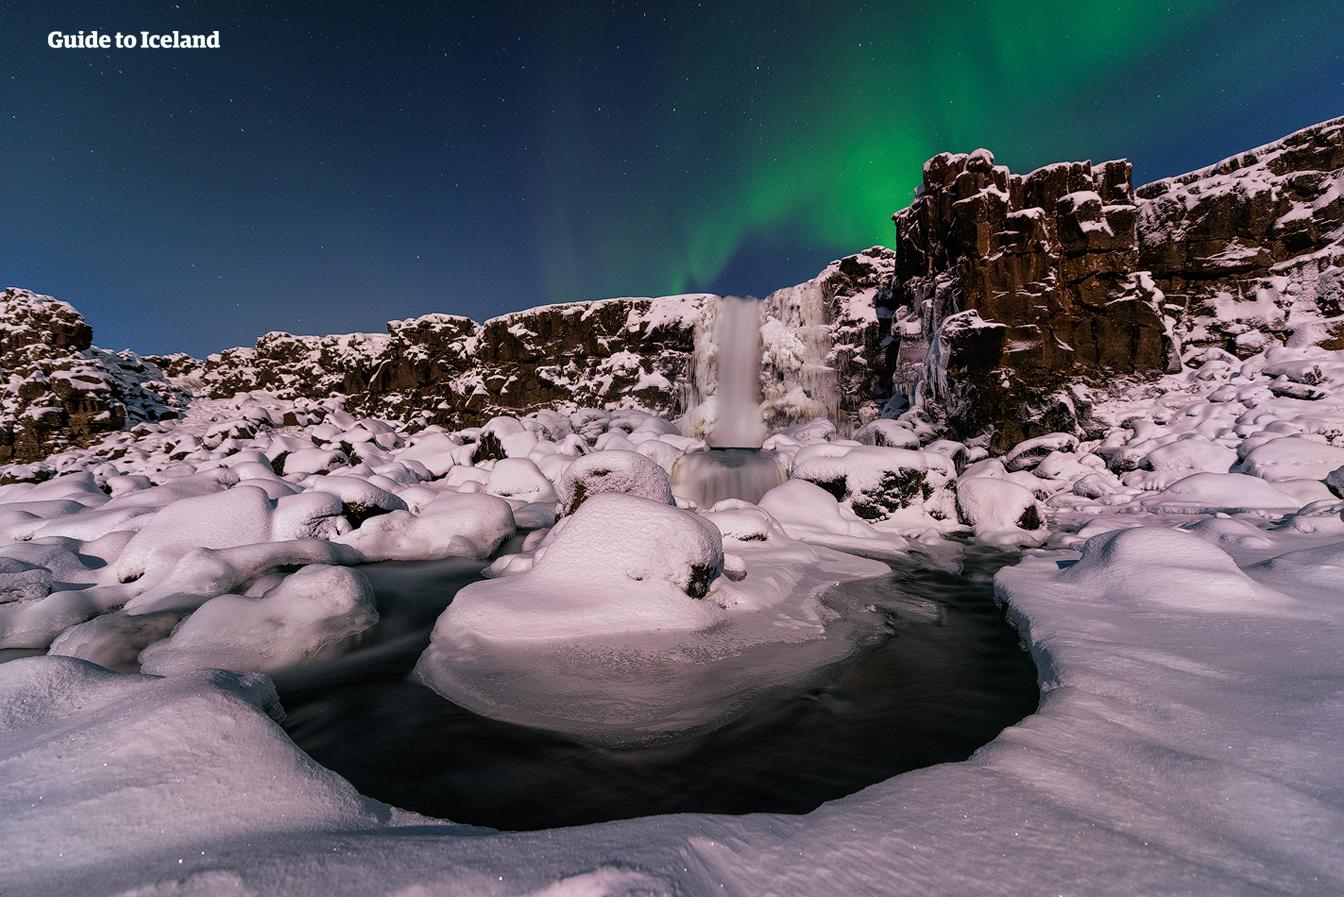 位于冰岛西南岸的Öxarárfoss瀑布在北极光之下的景致